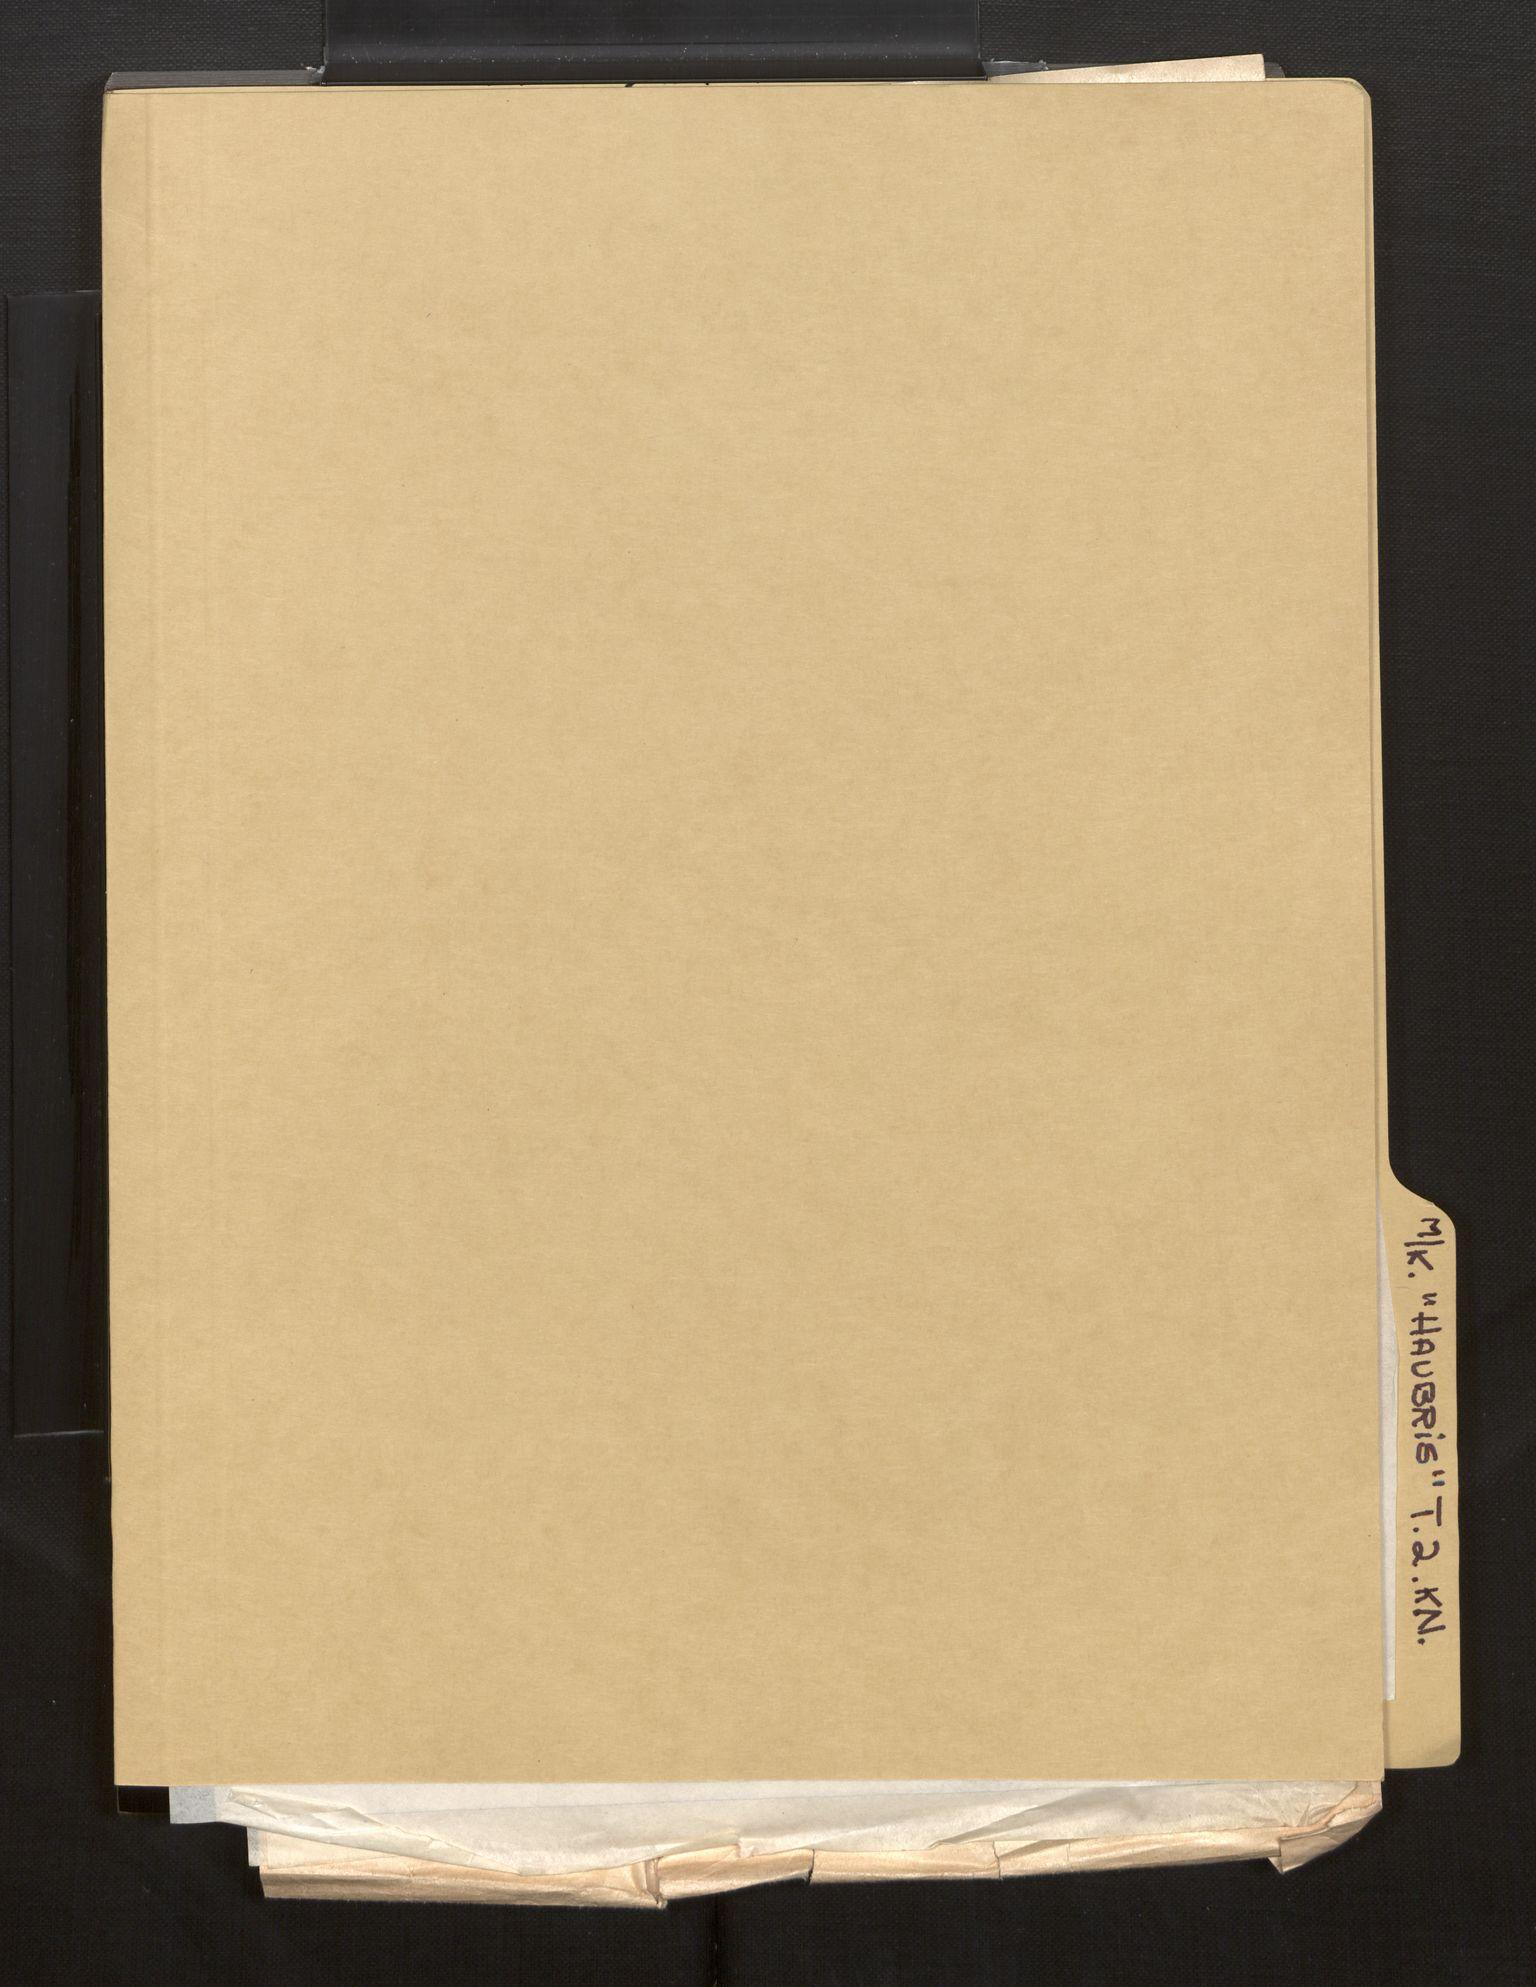 SAB, Fiskeridirektoratet - 1 Adm. ledelse - 13 Båtkontoret, La/L0042: Statens krigsforsikring for fiskeflåten, 1936-1971, s. 739